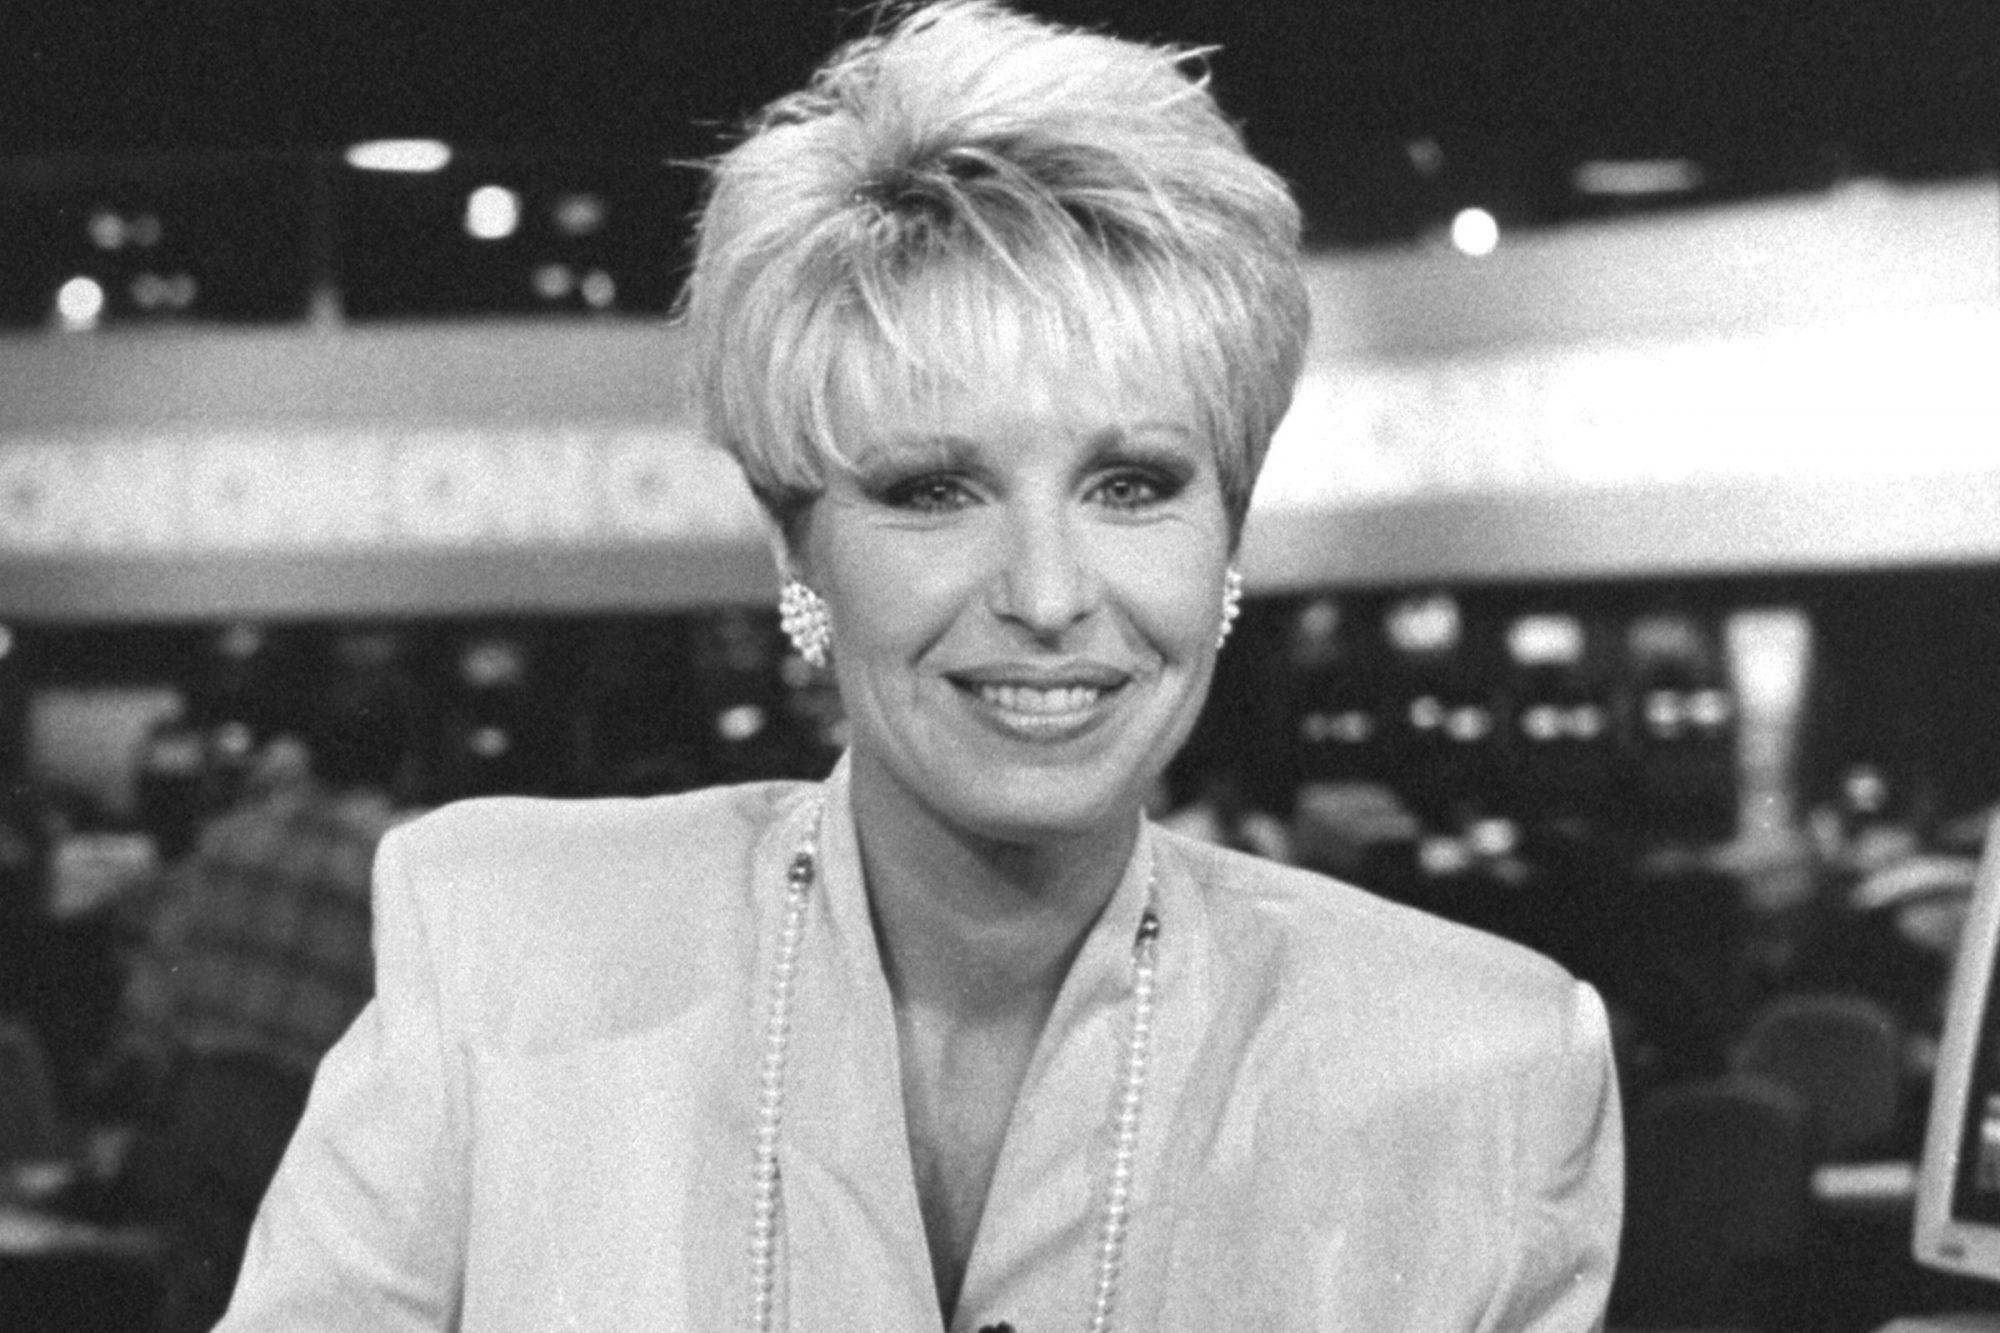 Bobbie Battista, pioneering CNN anchor, dies at 67